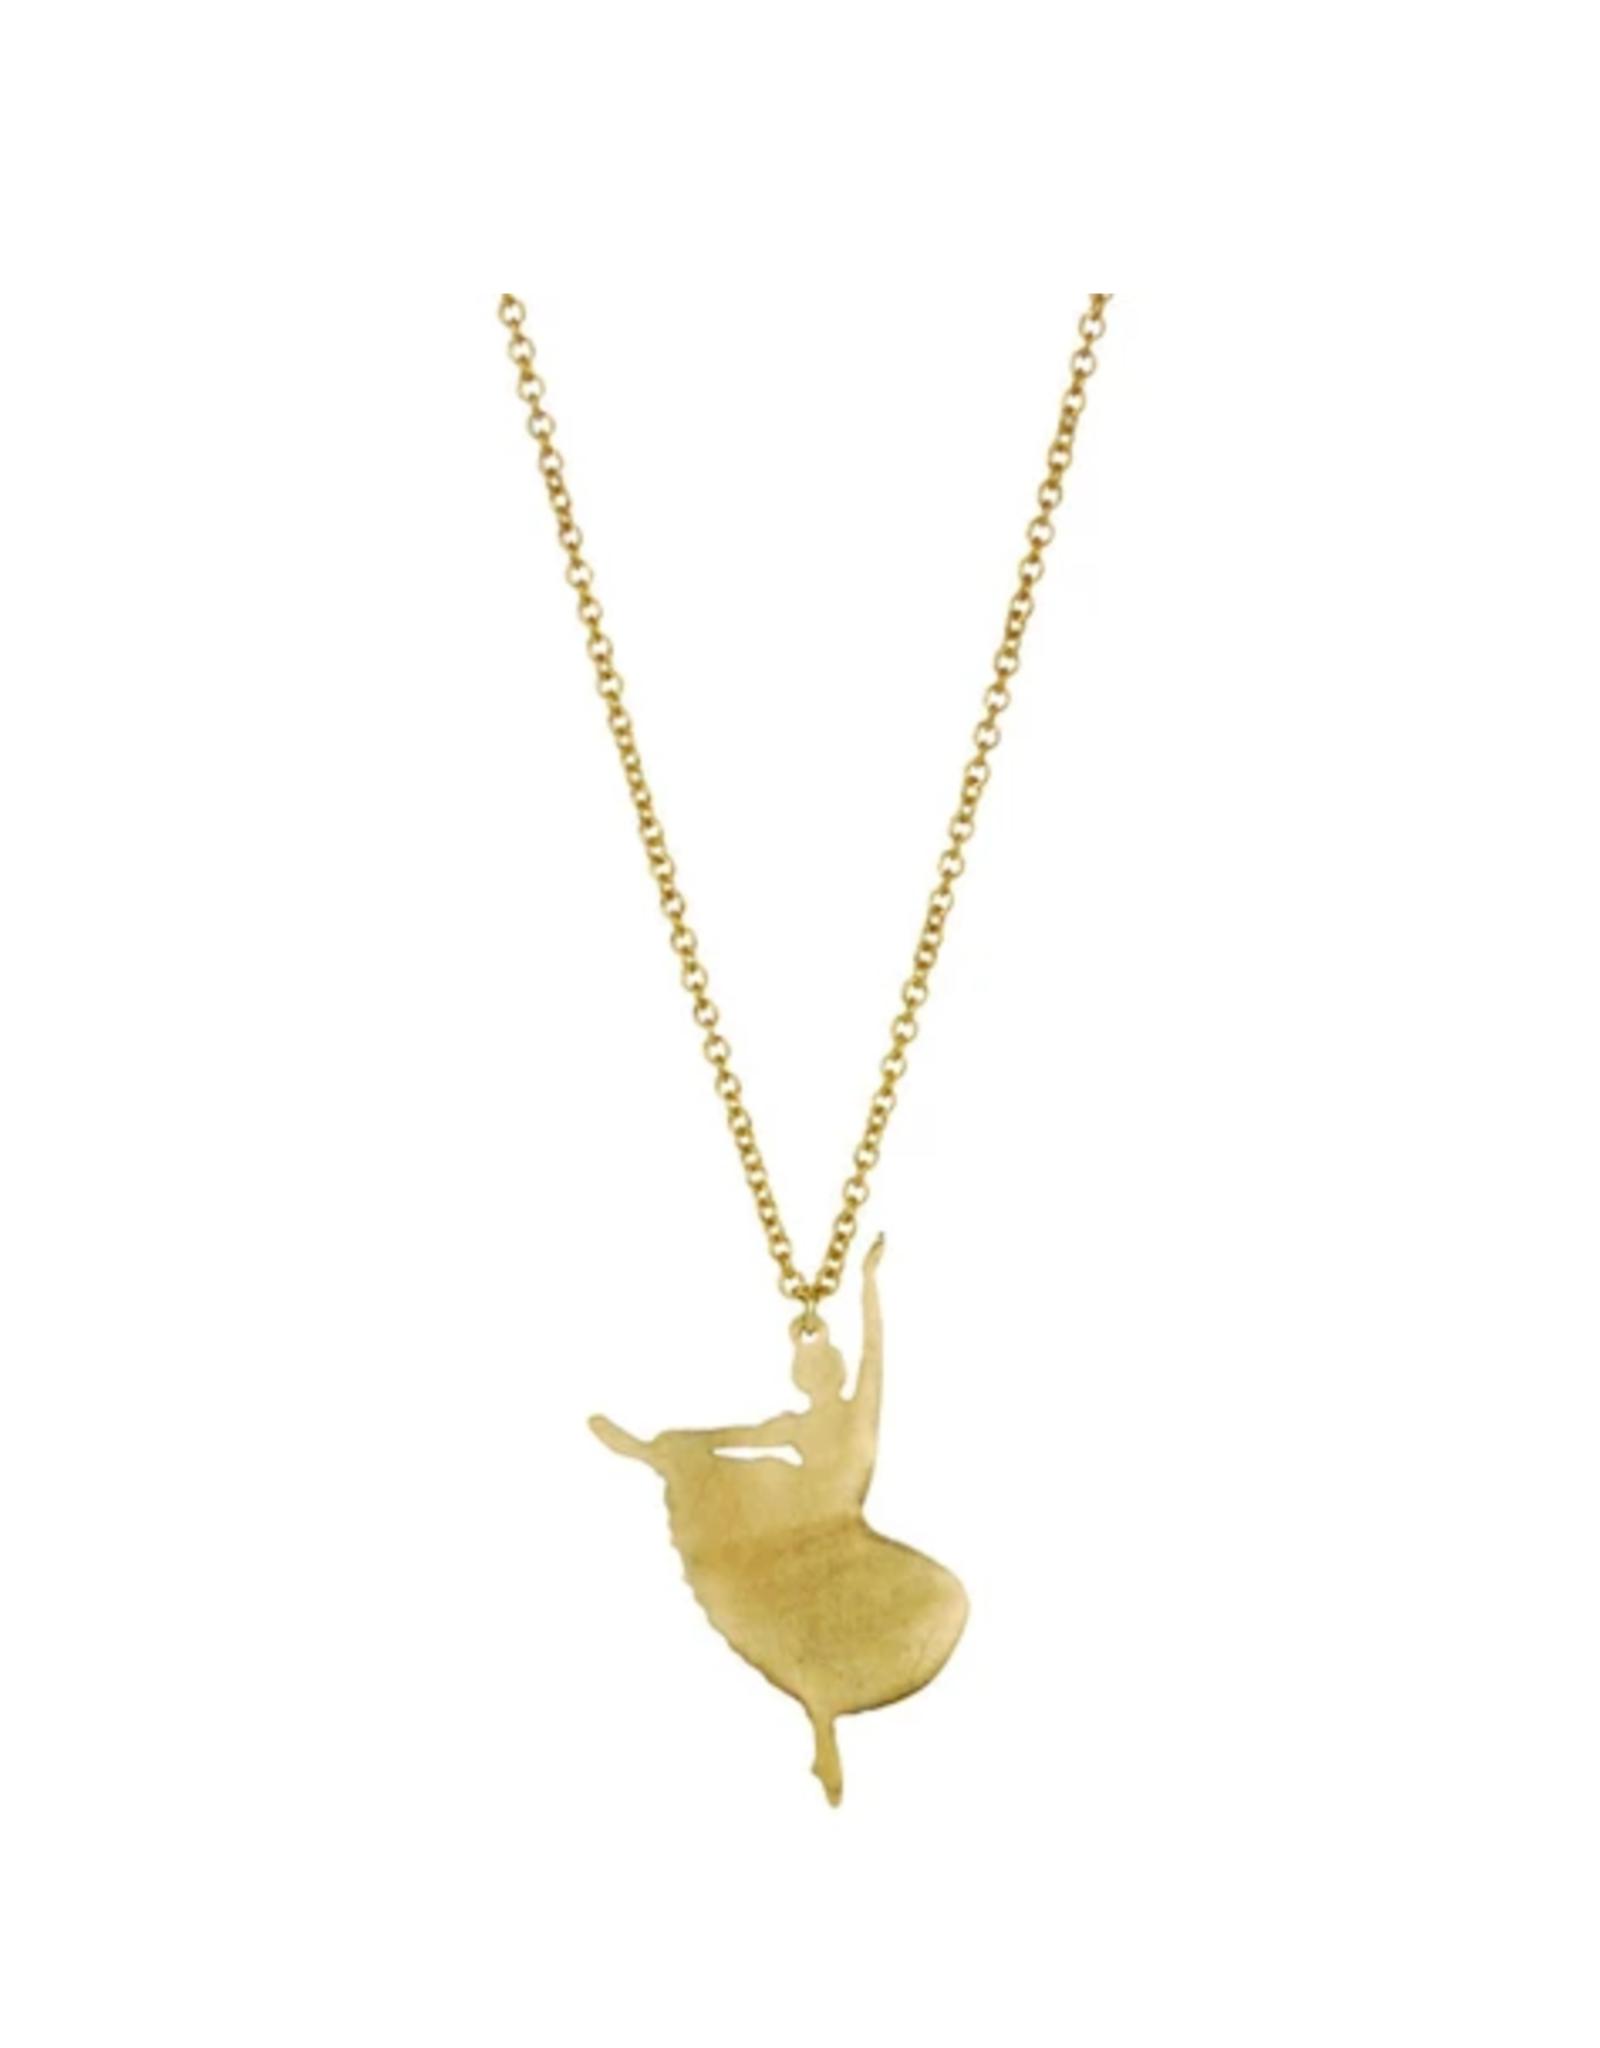 Dancer Necklace - Brass